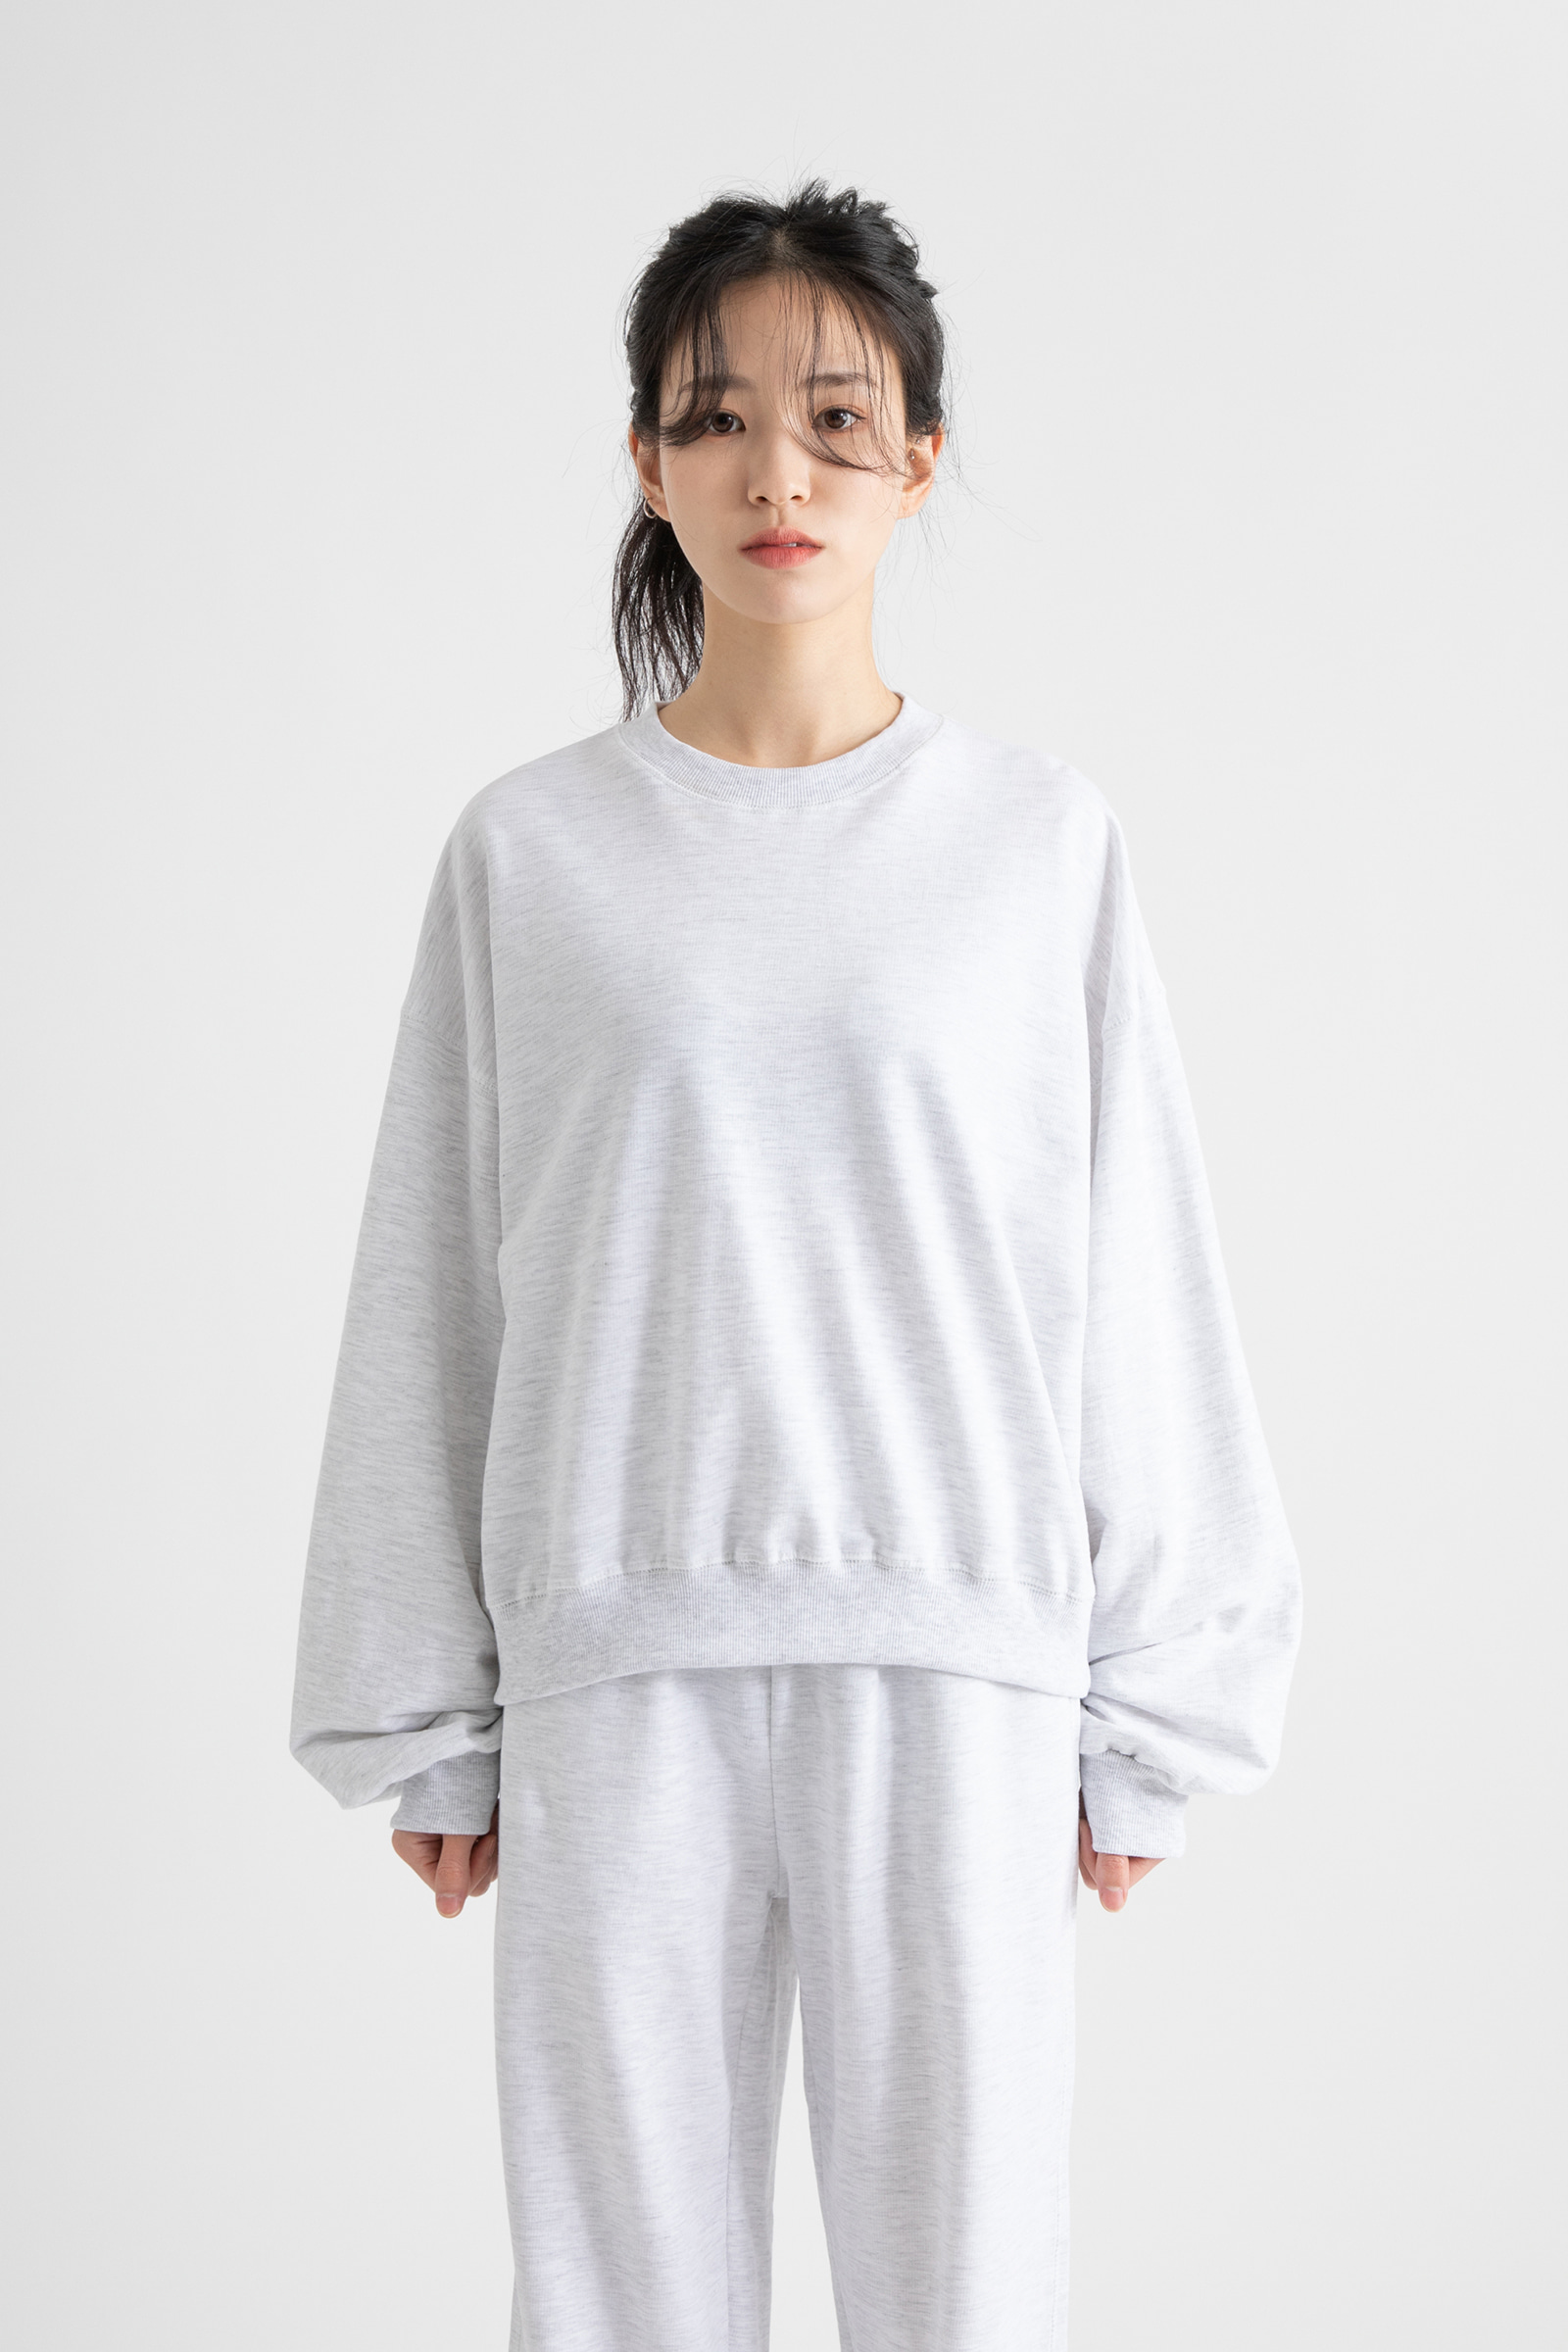 Daily men-to-man sweatshirt